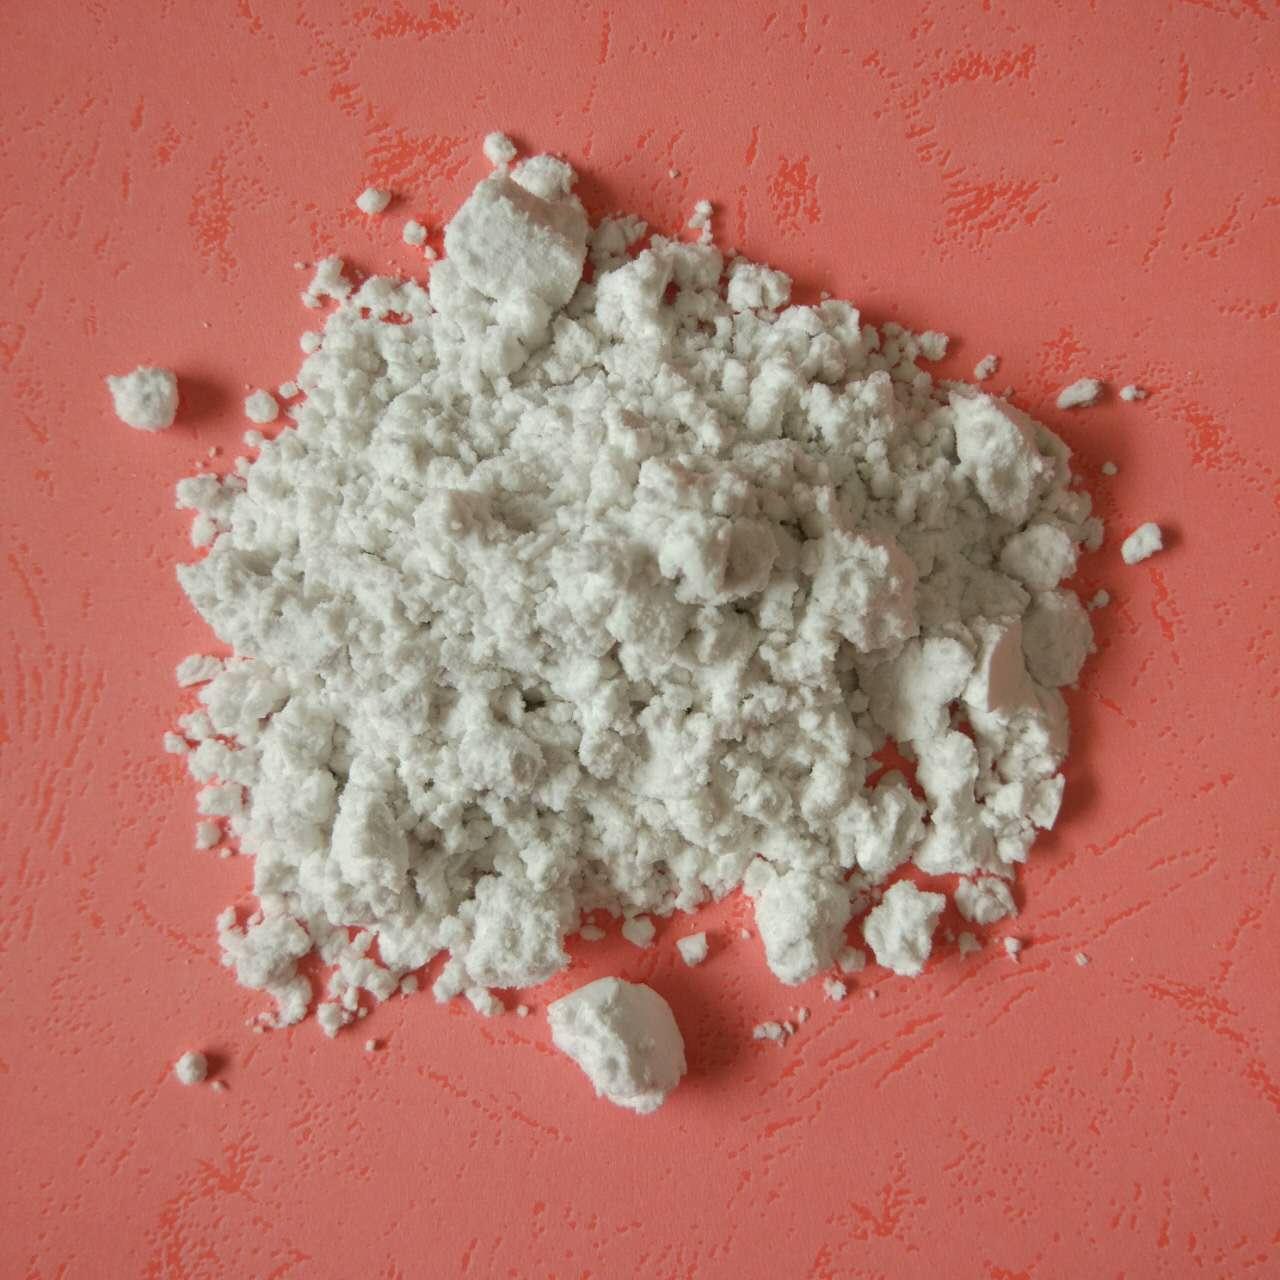 珍珠岩助滤剂厂家-厂家直销的食品级珍珠岩助滤剂哪里买